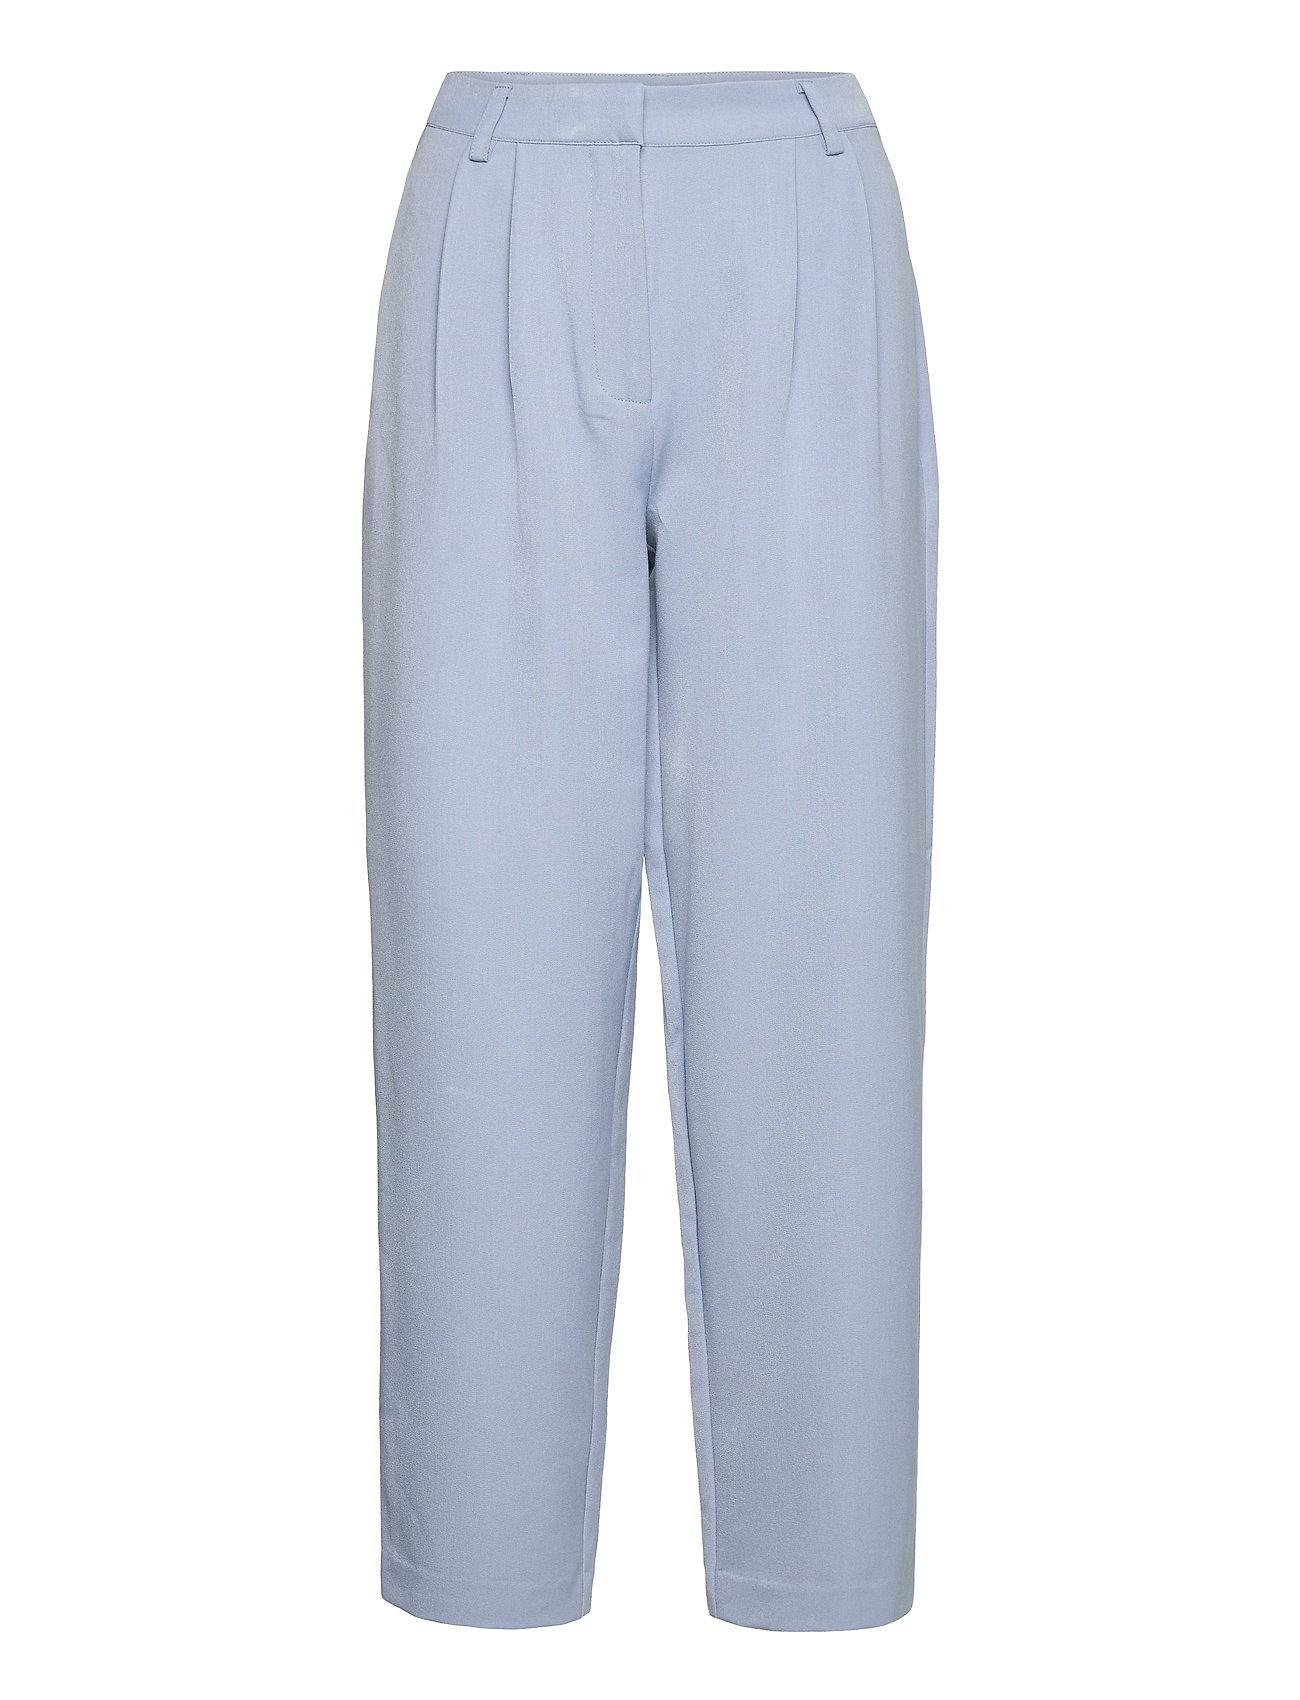 Yascornflower Hw Cropped Pant - Ca Vide Bukser Blå YAS